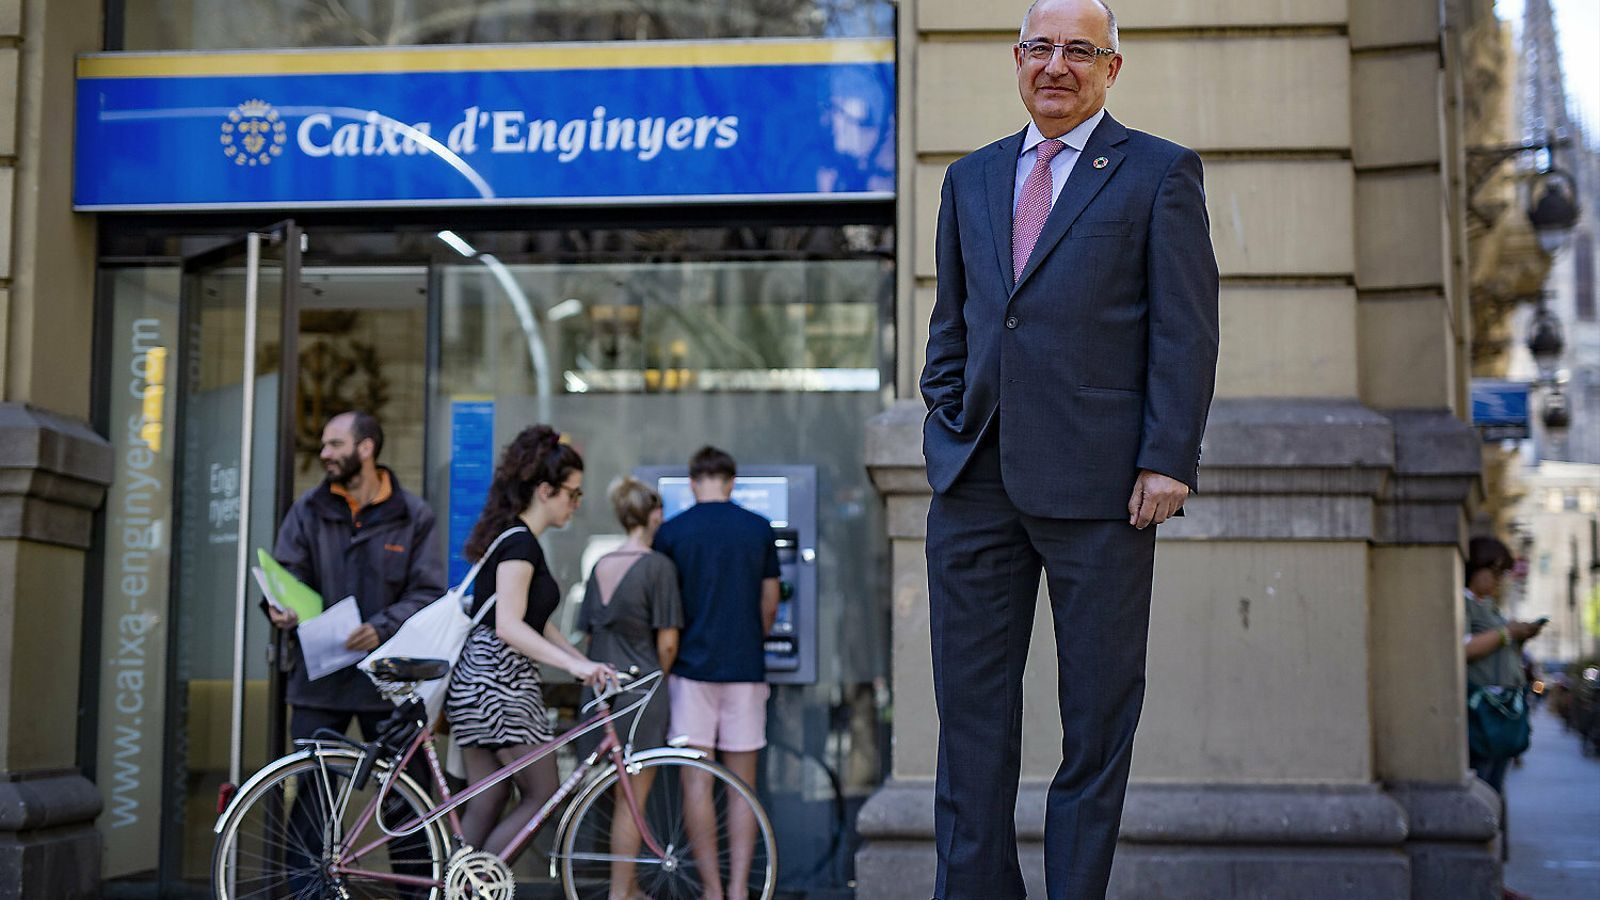 REPORTATGE: Caixa  d'Enginyers, l'entitat  que va renéixer l'1-O